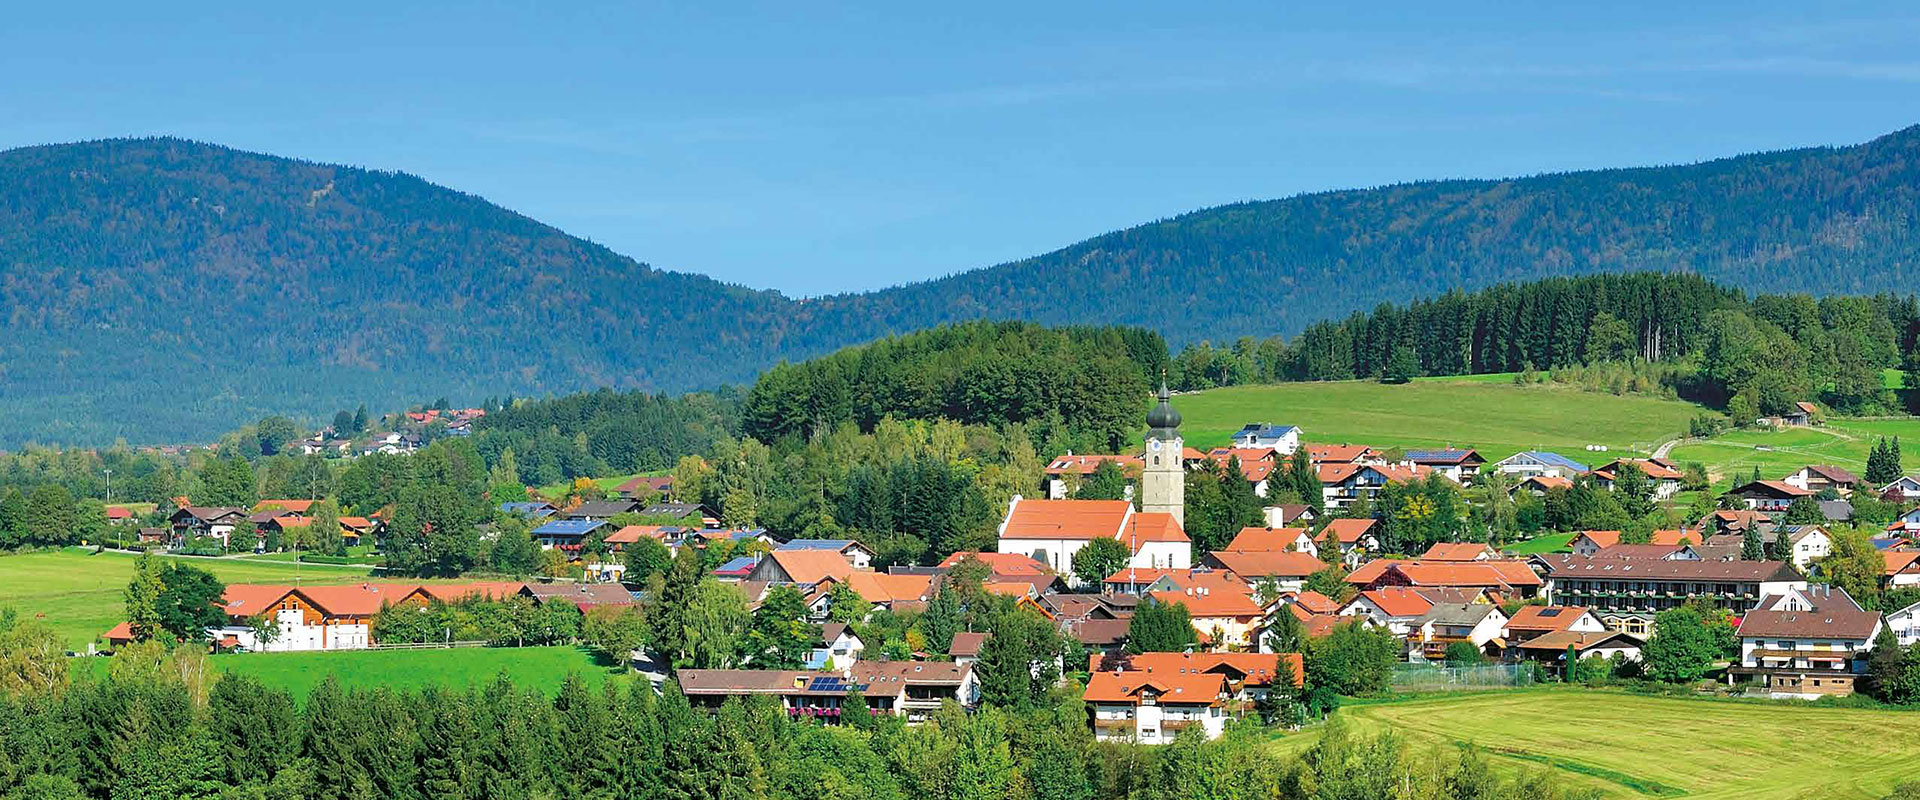 Dorf mit Wald und Wiesen